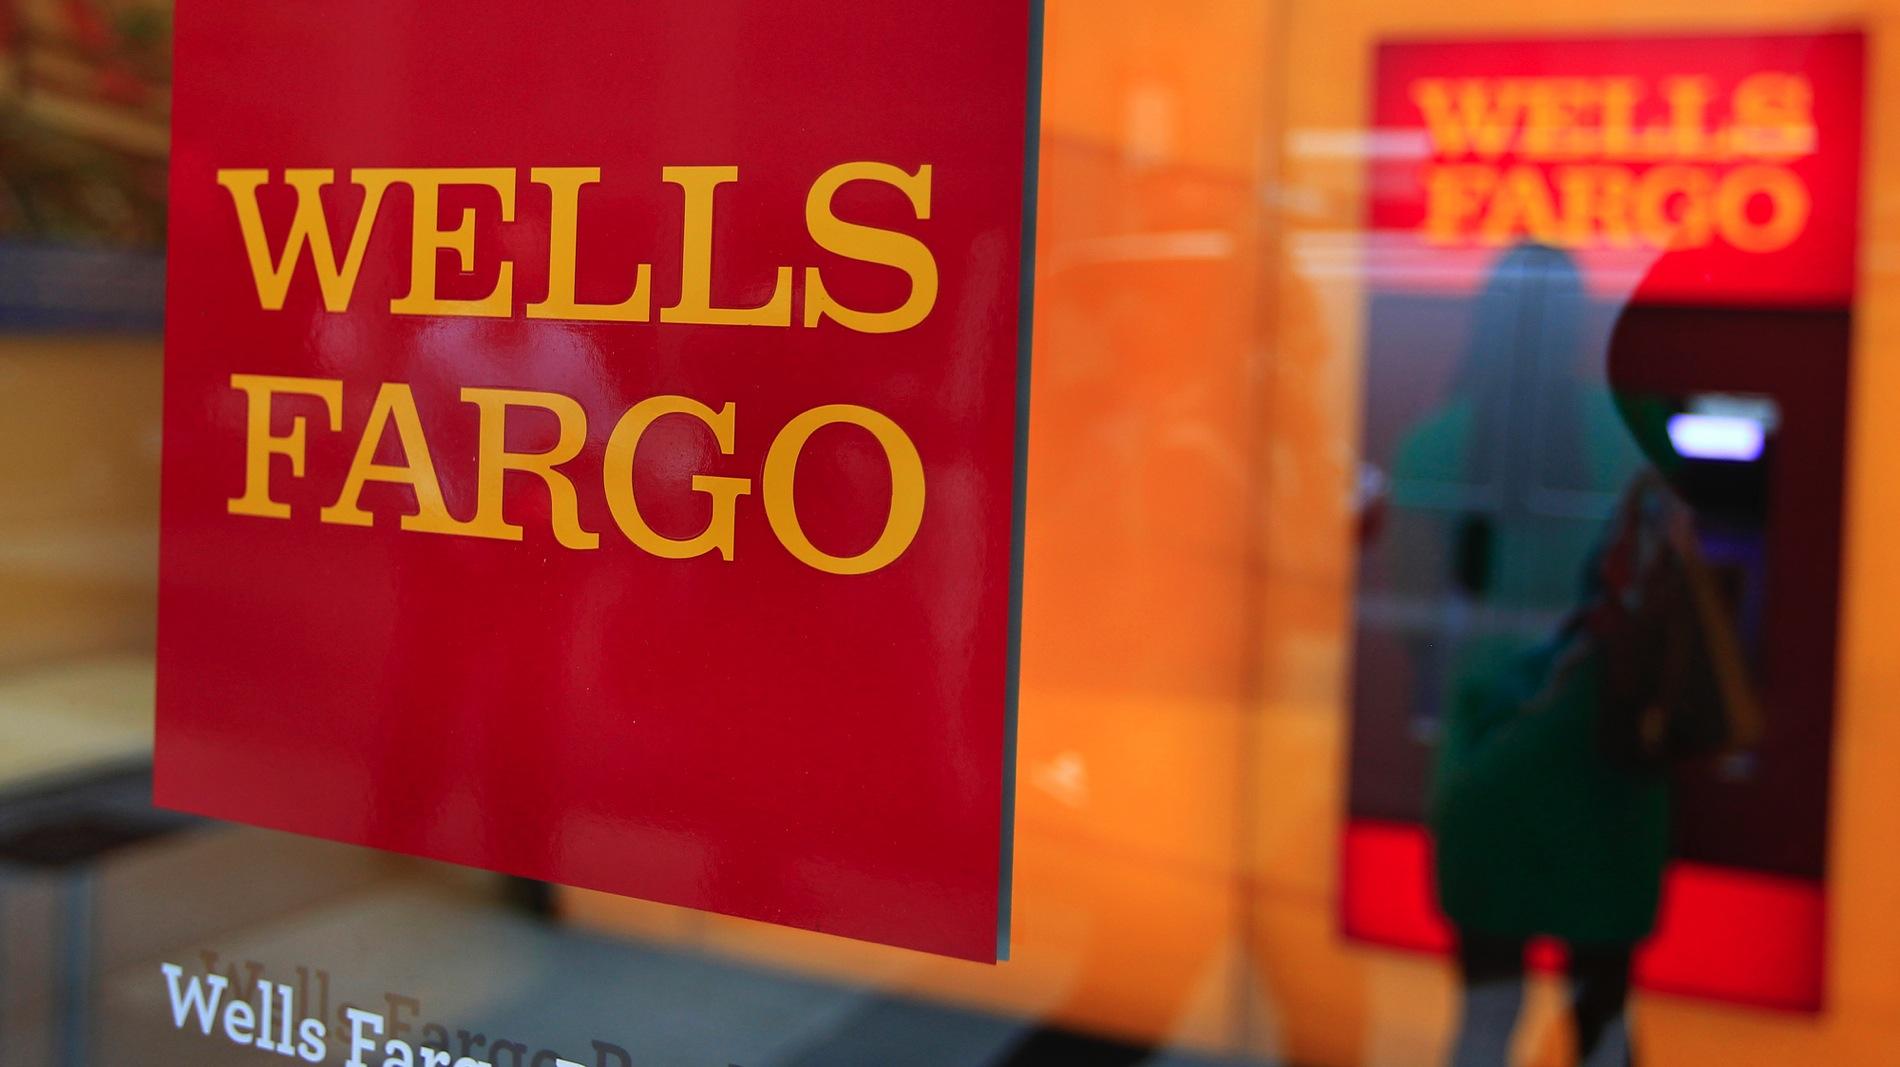 wells fargo bank sign in